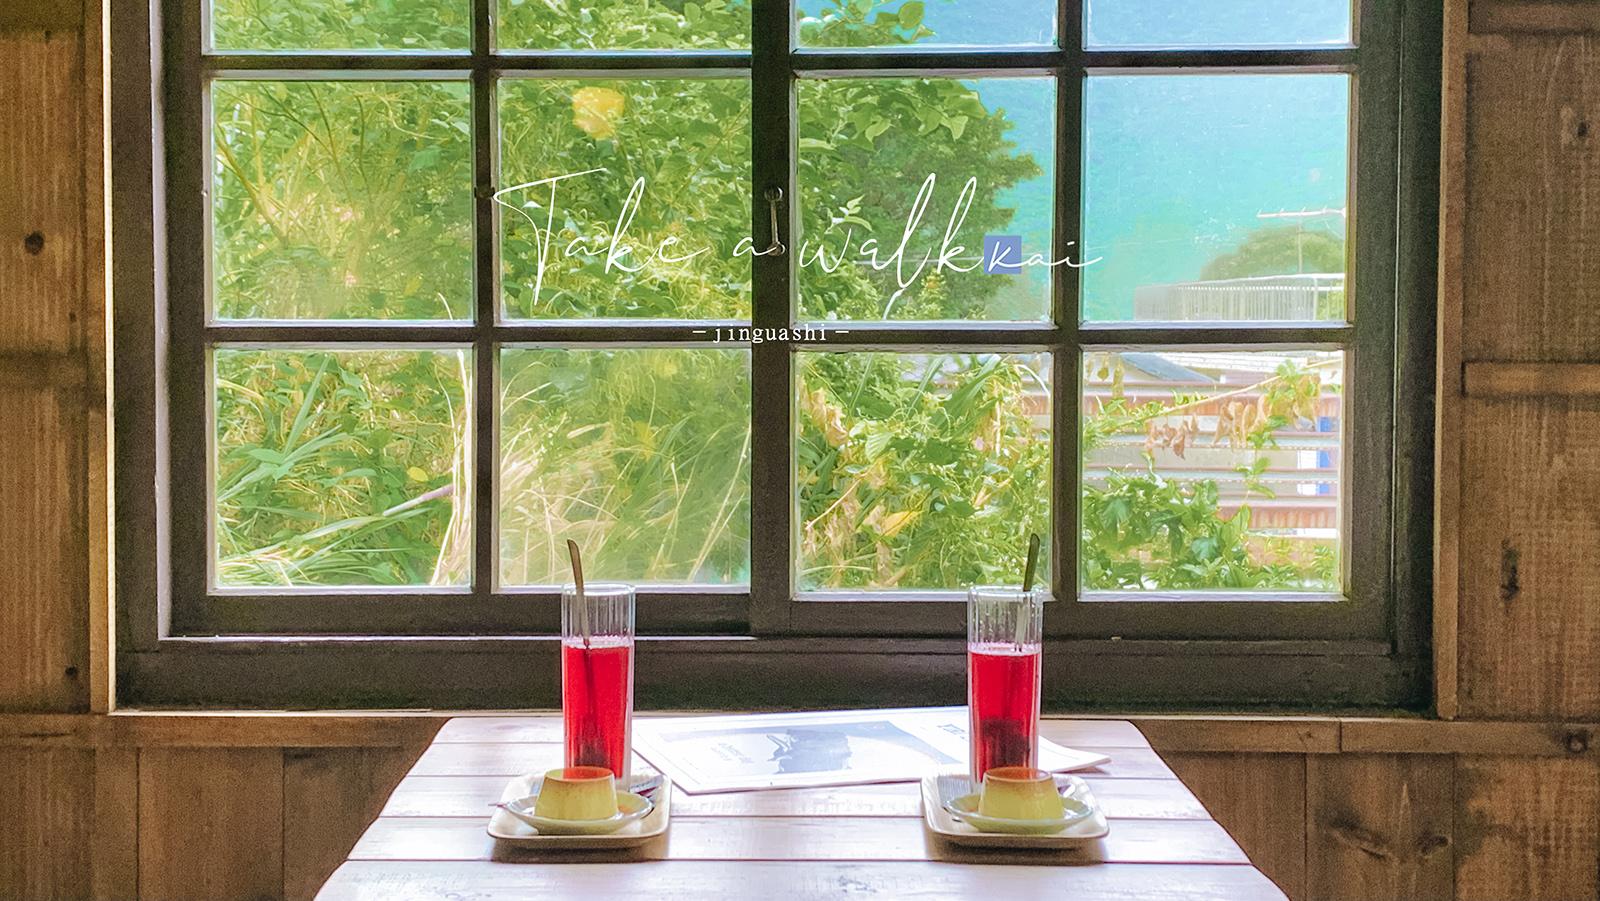 即時熱門文章:☆【新北美食】金瓜石山城慢活定食:迷迷路食堂